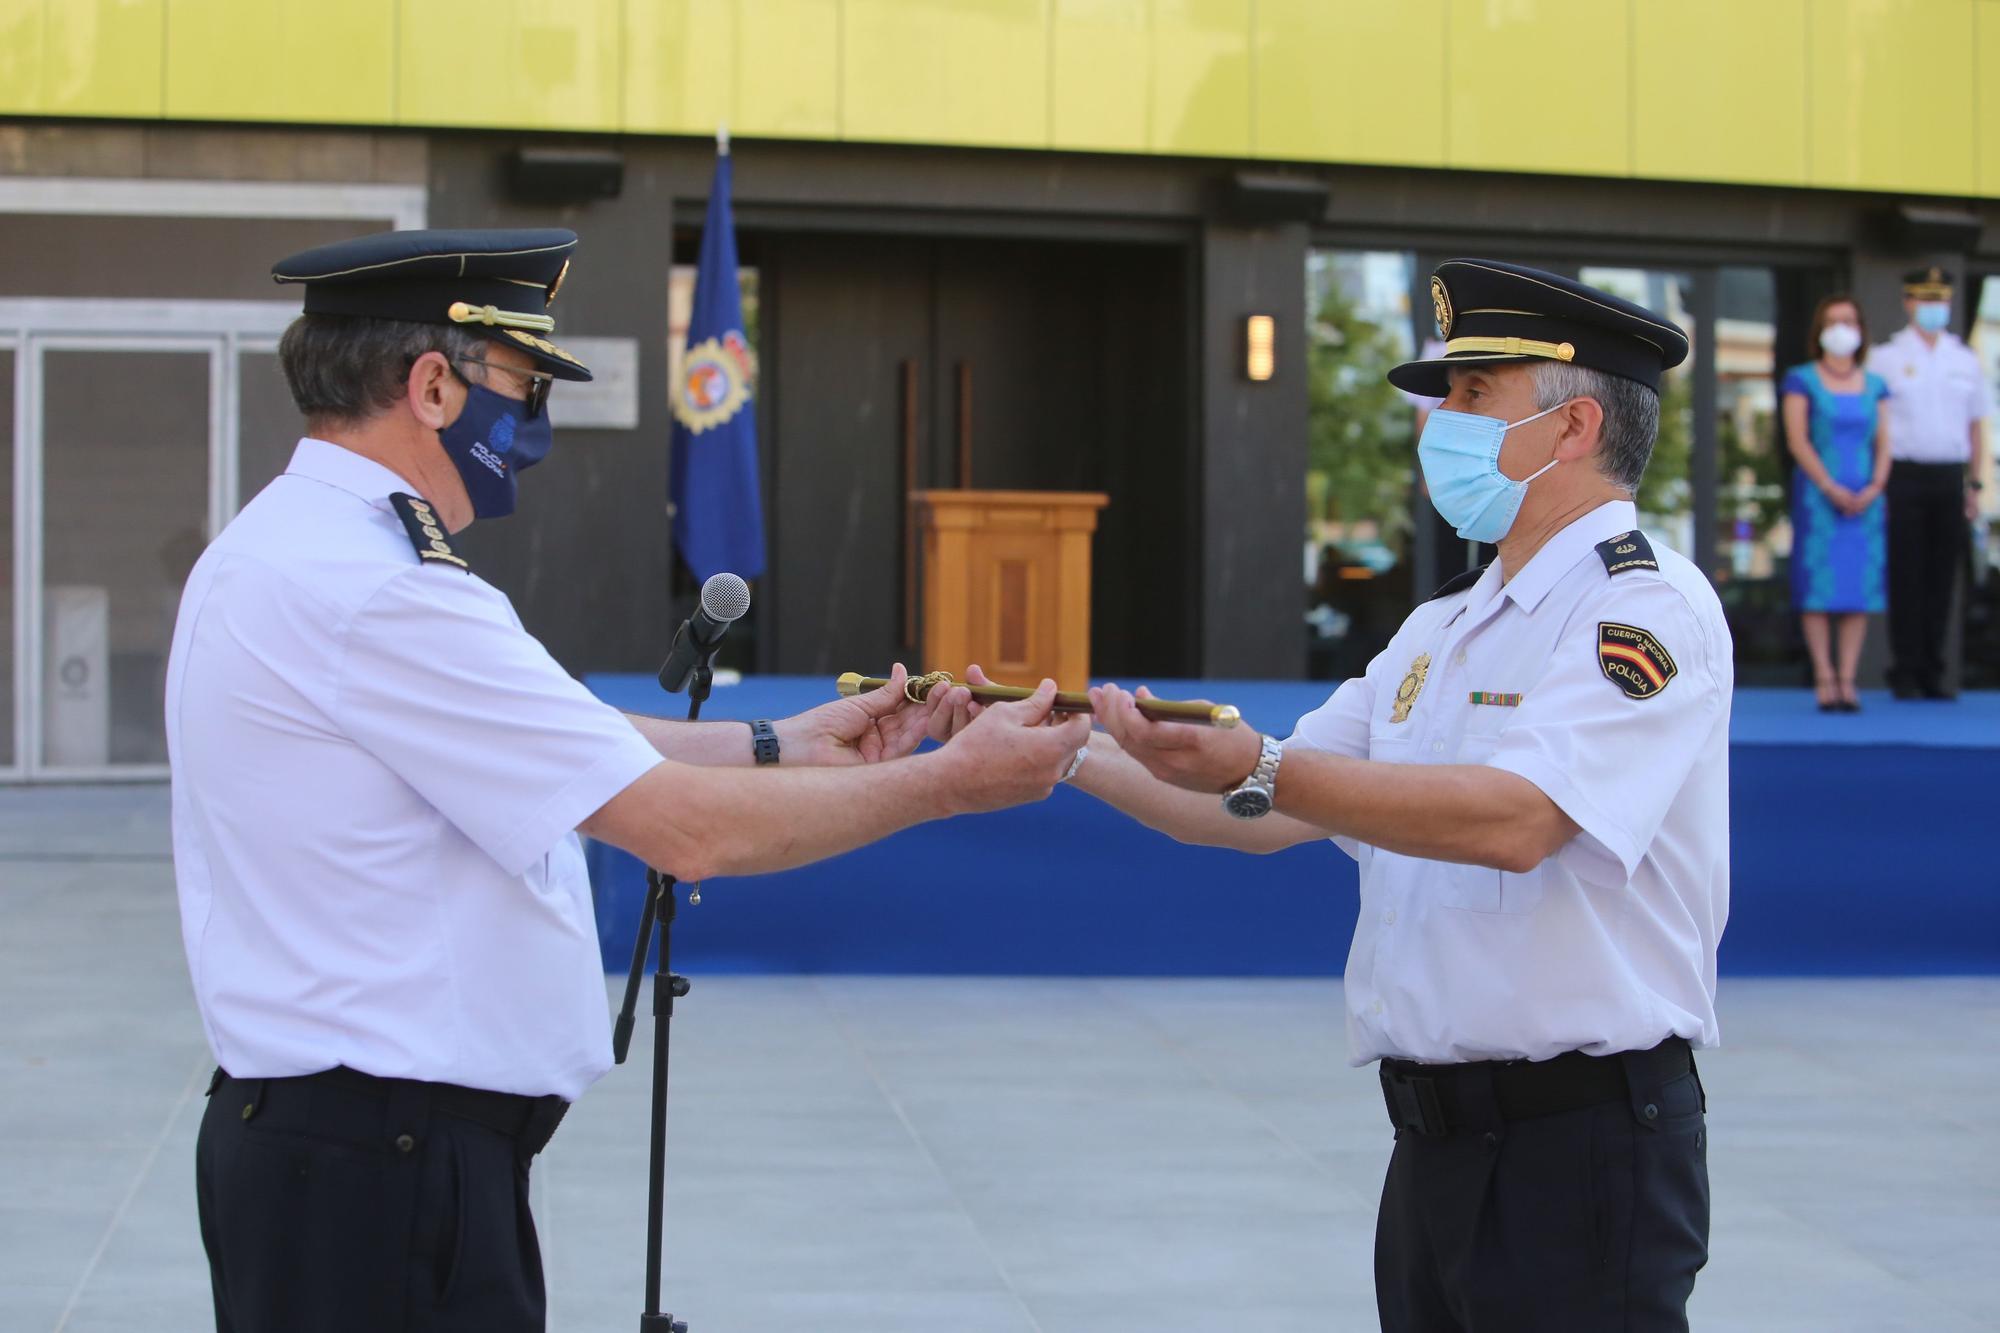 Entrega del bastón de mando a la comisaría de la Policía Nacional de Vila-real